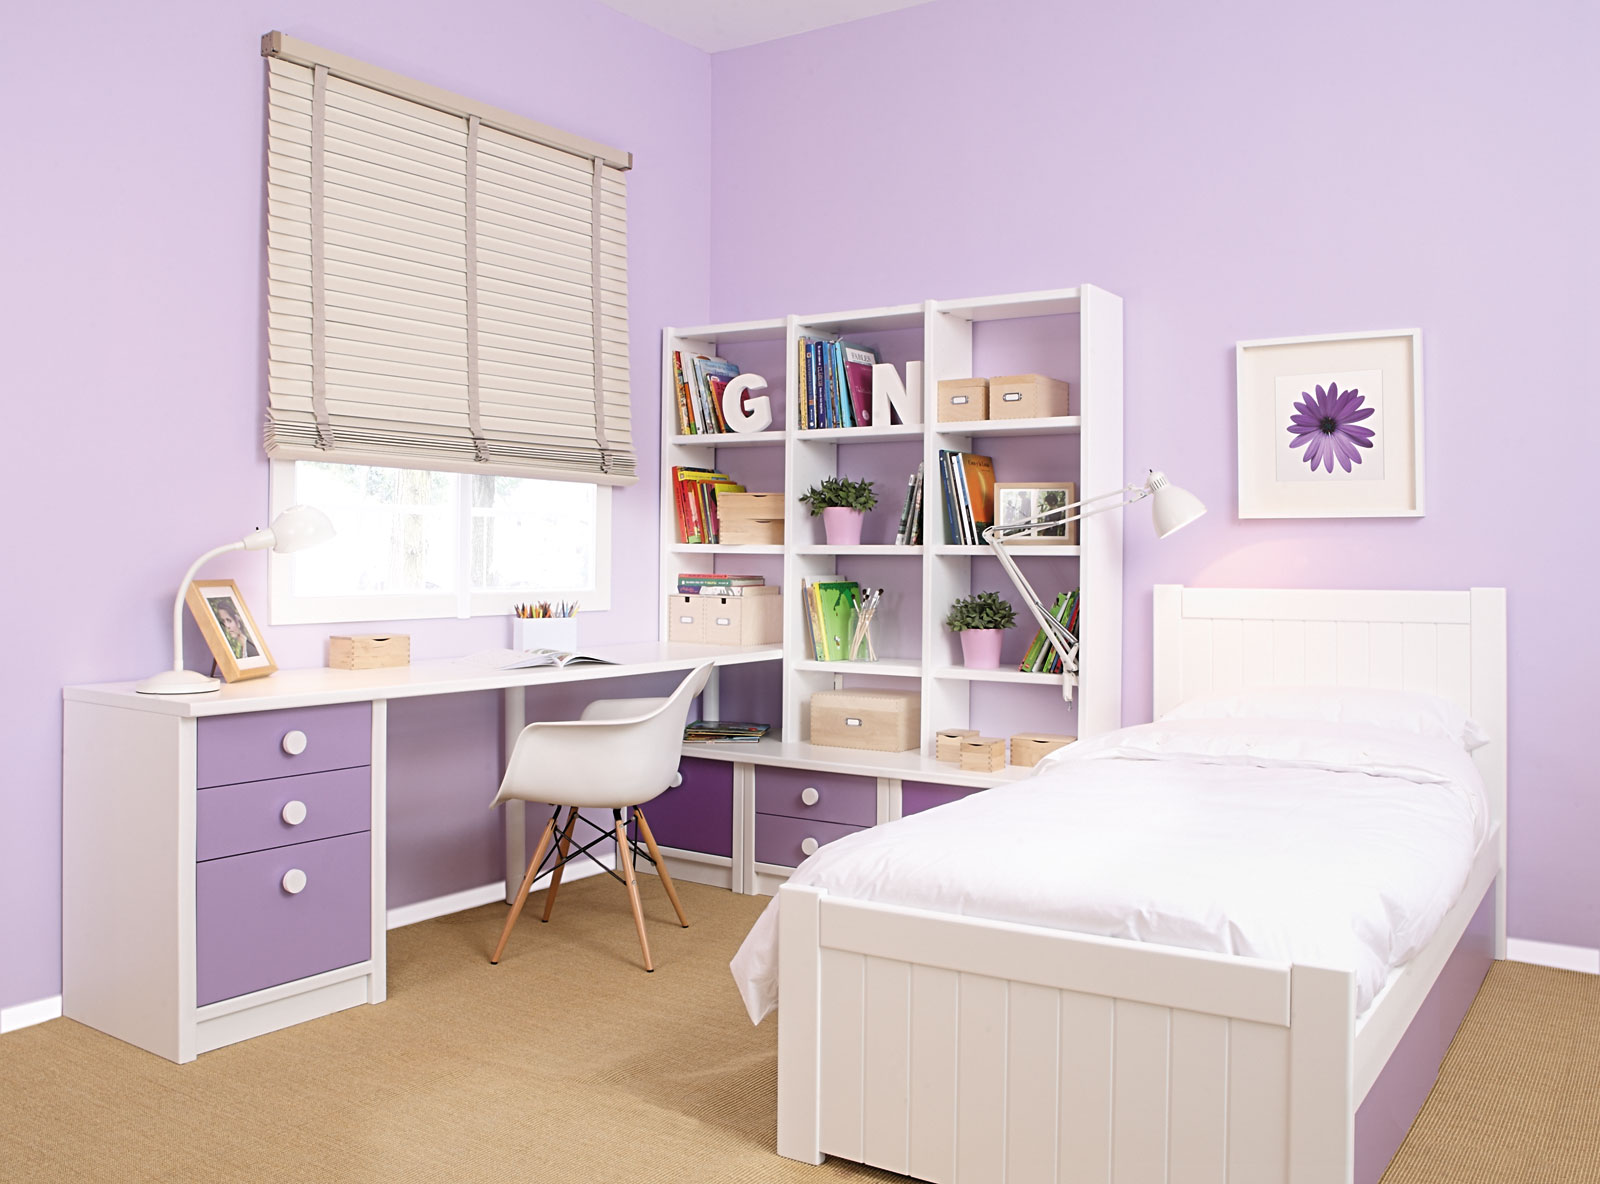 Dormitorio juvenil asoral 7 el chafl n mueble juvenil - Muebles el chaflan ...